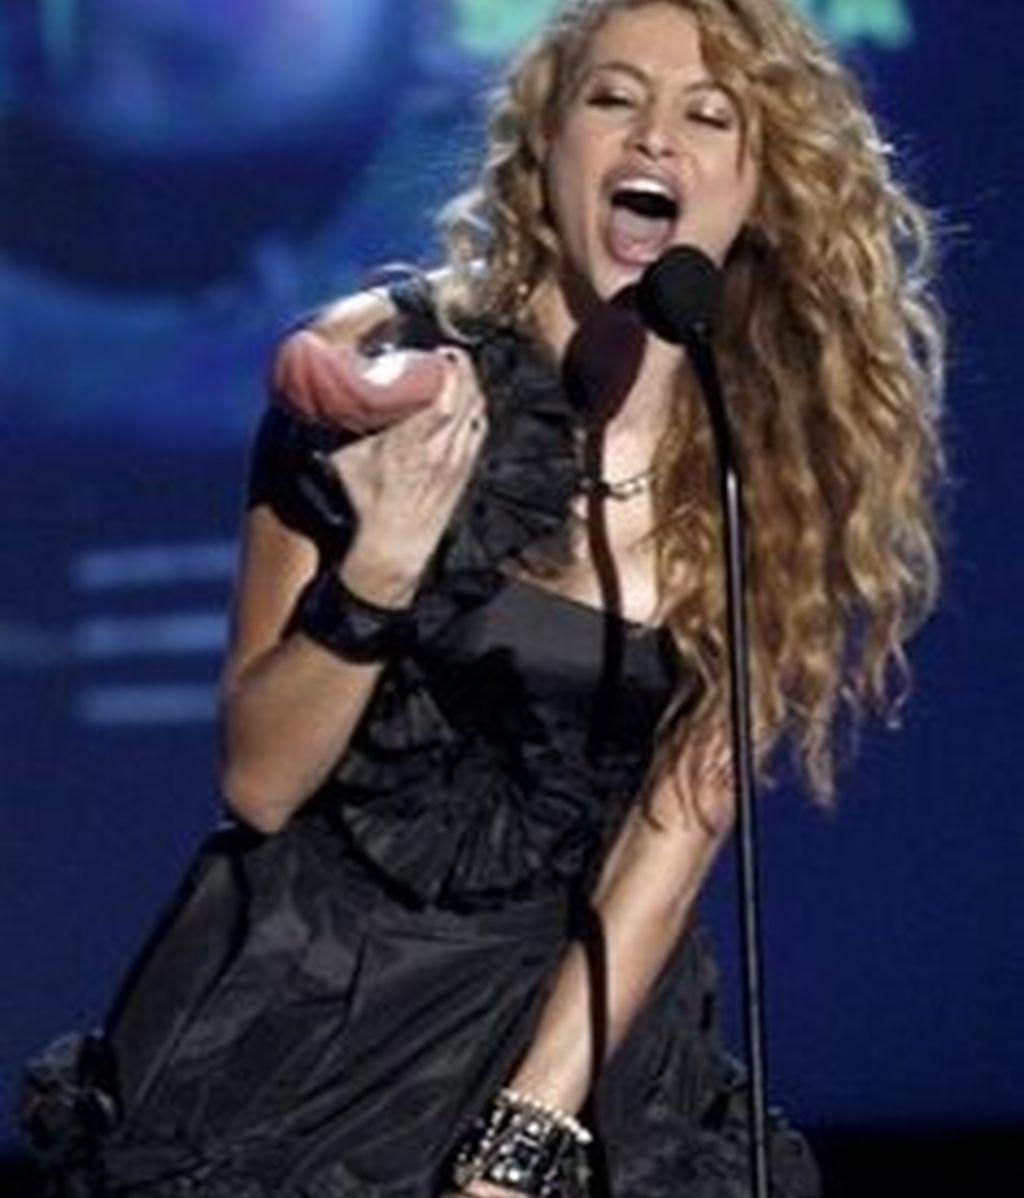 Paulina Rubio recoge la 'lengua' a la mejor solista en la entrega de los Premios MTV, el pasado jueves 15 de octubre del 2009.  Foto AP